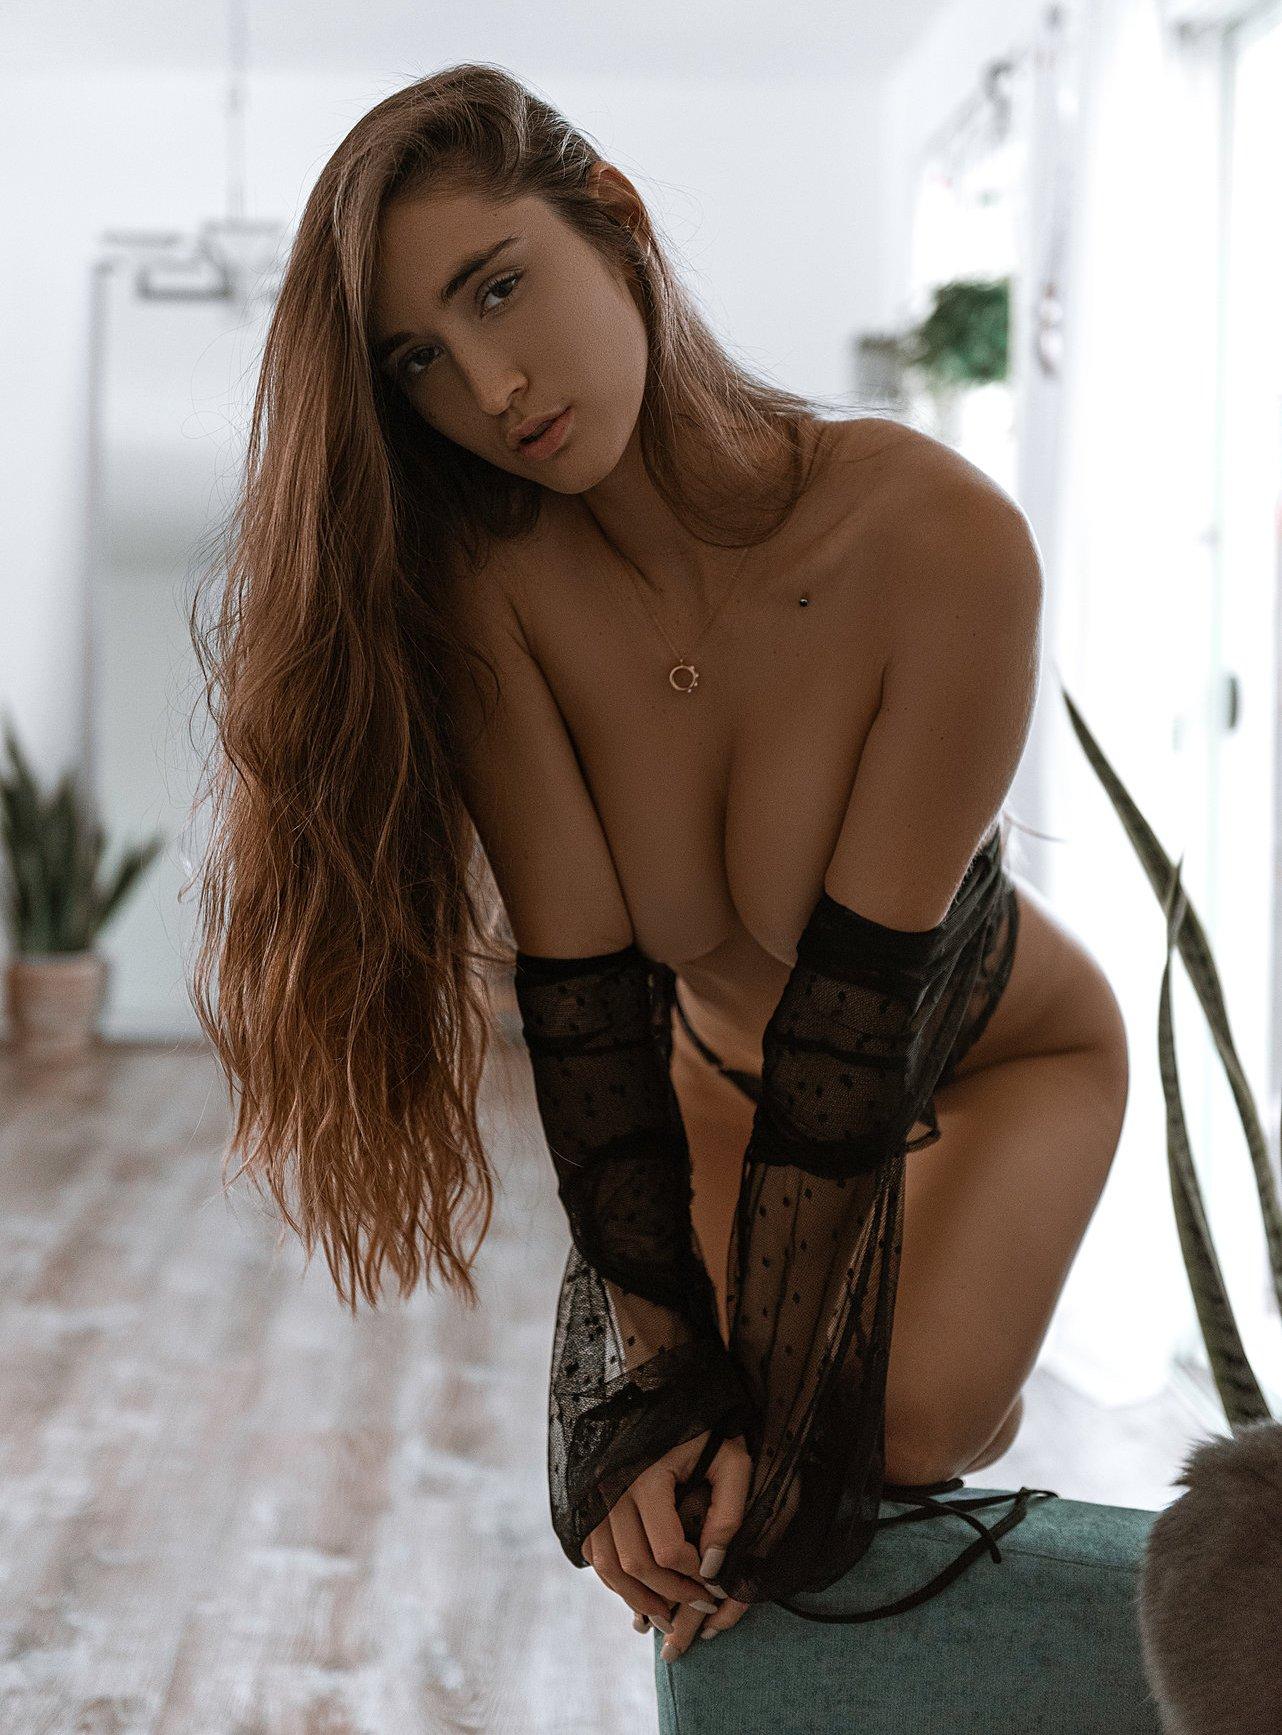 Natalie Roush Natalieroush Patreon Nude Leaks 0004